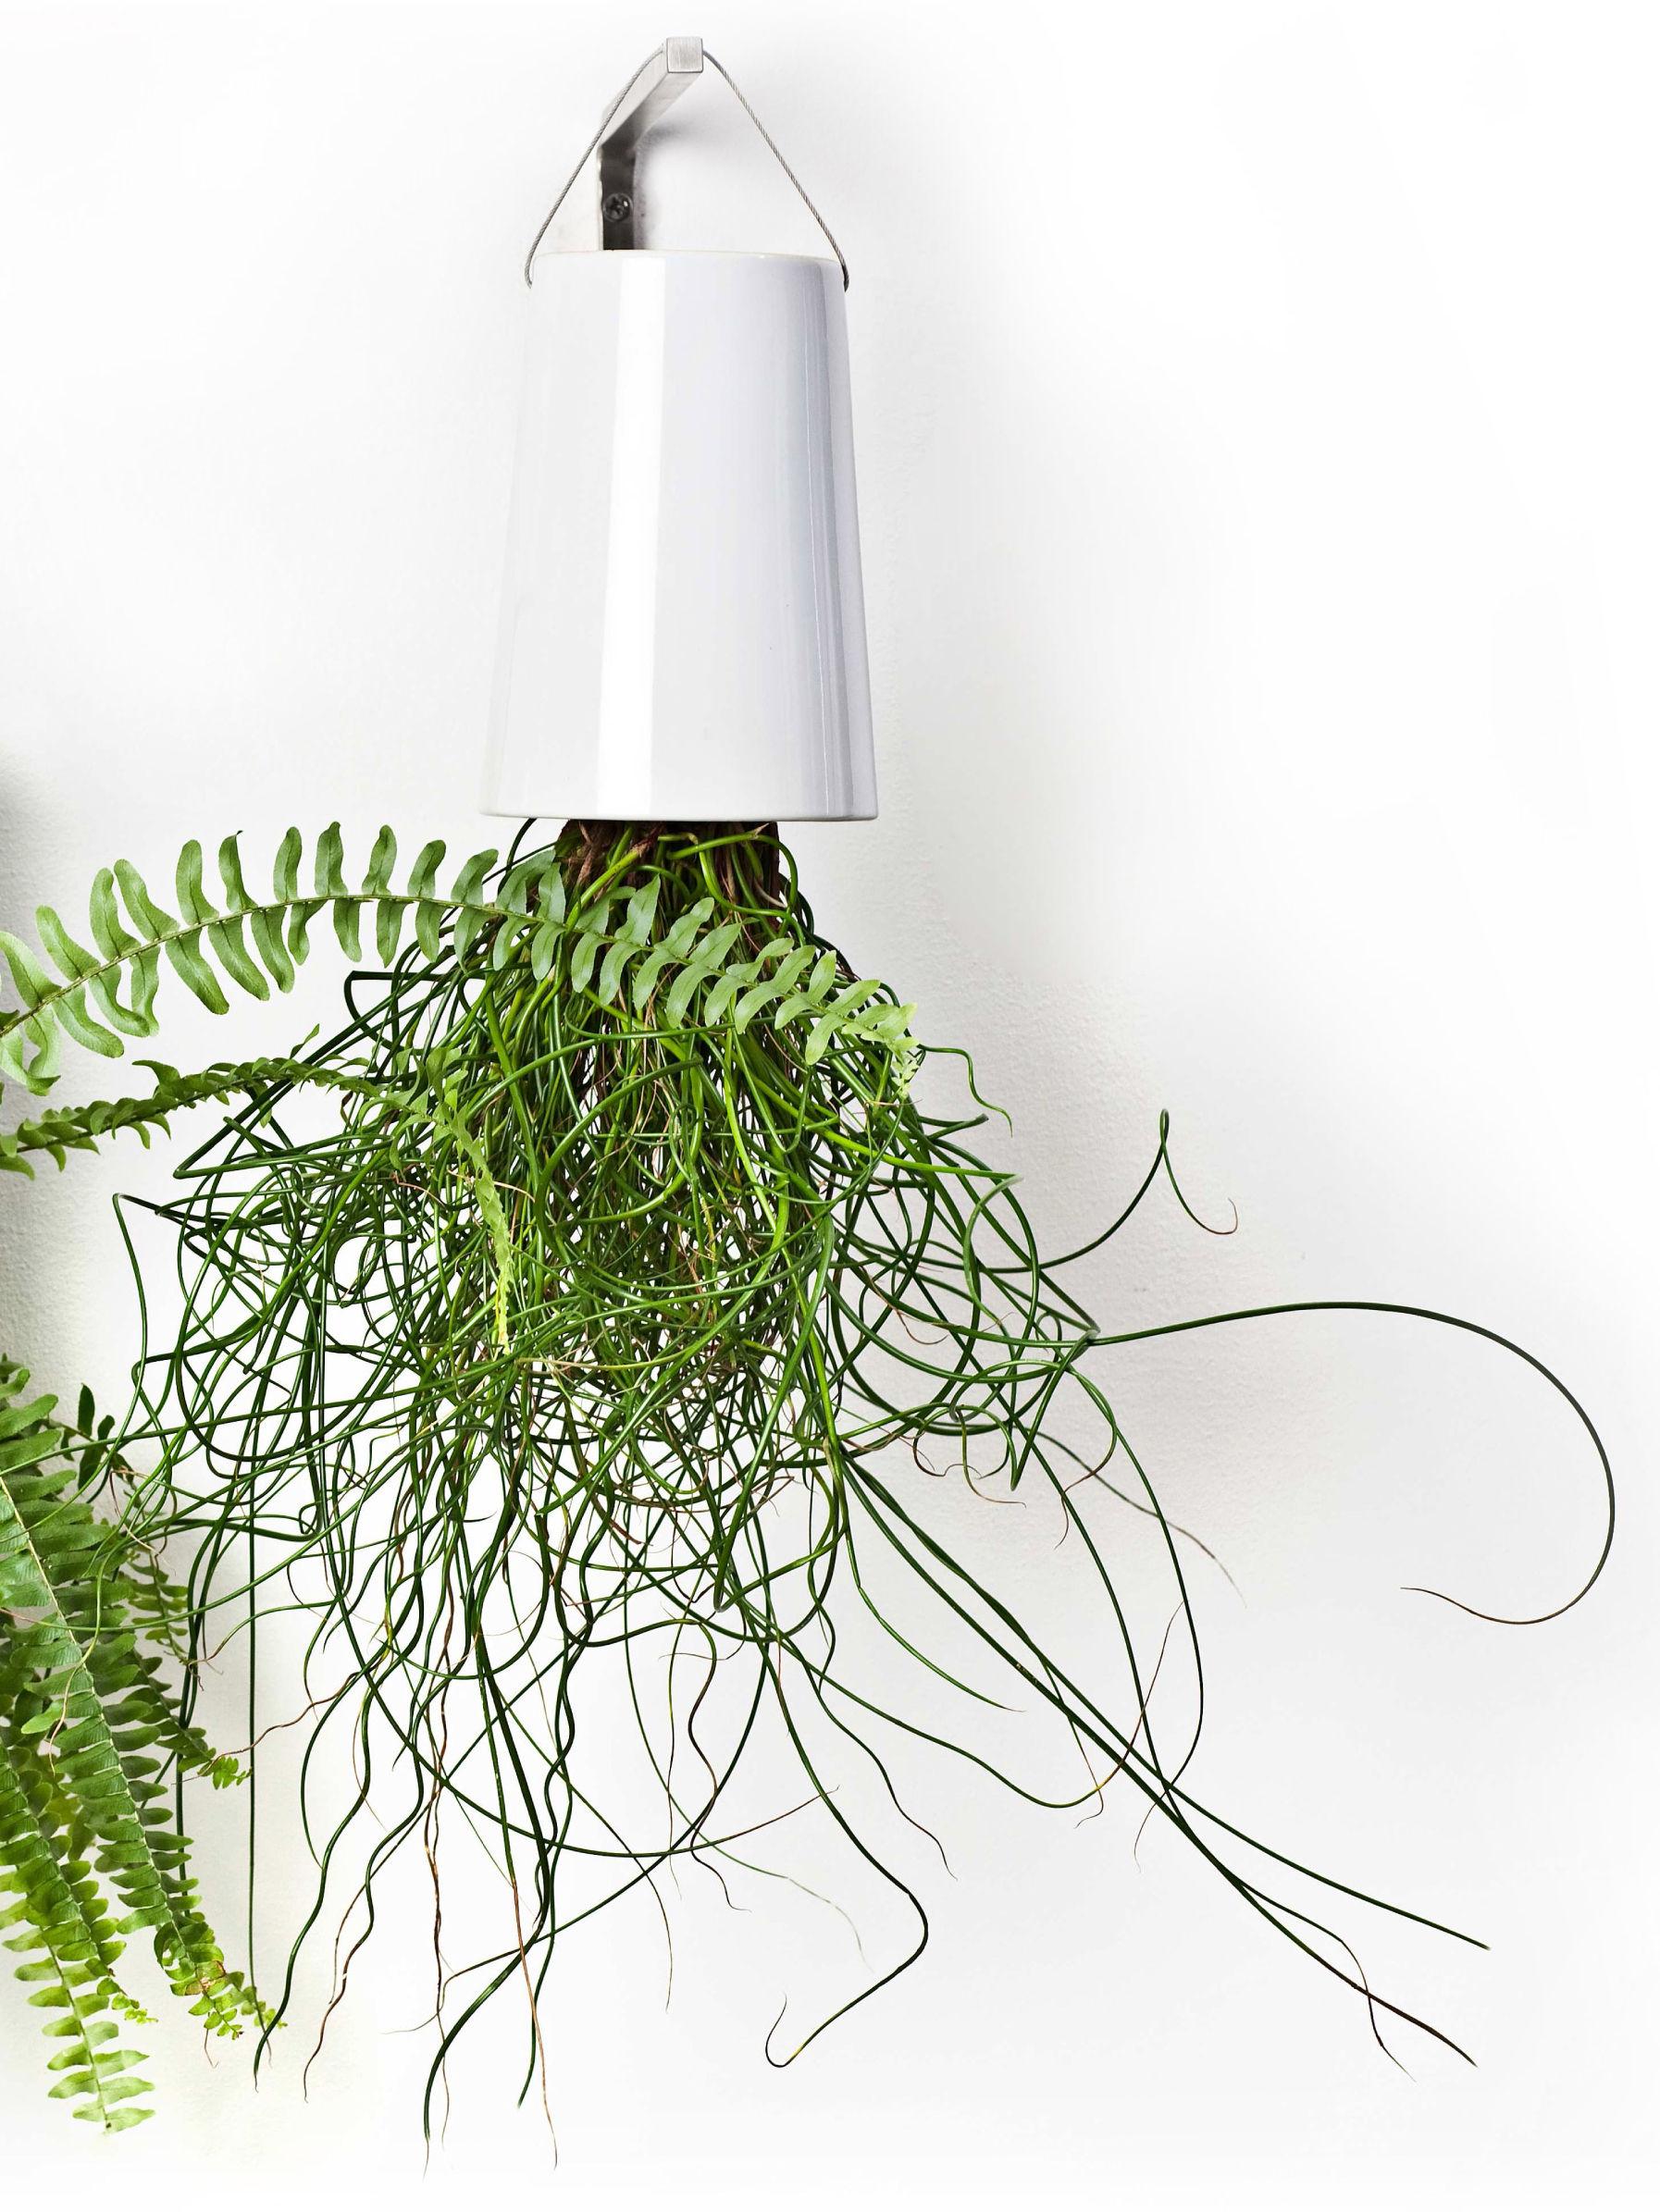 f r sky planters boskke wandhalter. Black Bedroom Furniture Sets. Home Design Ideas